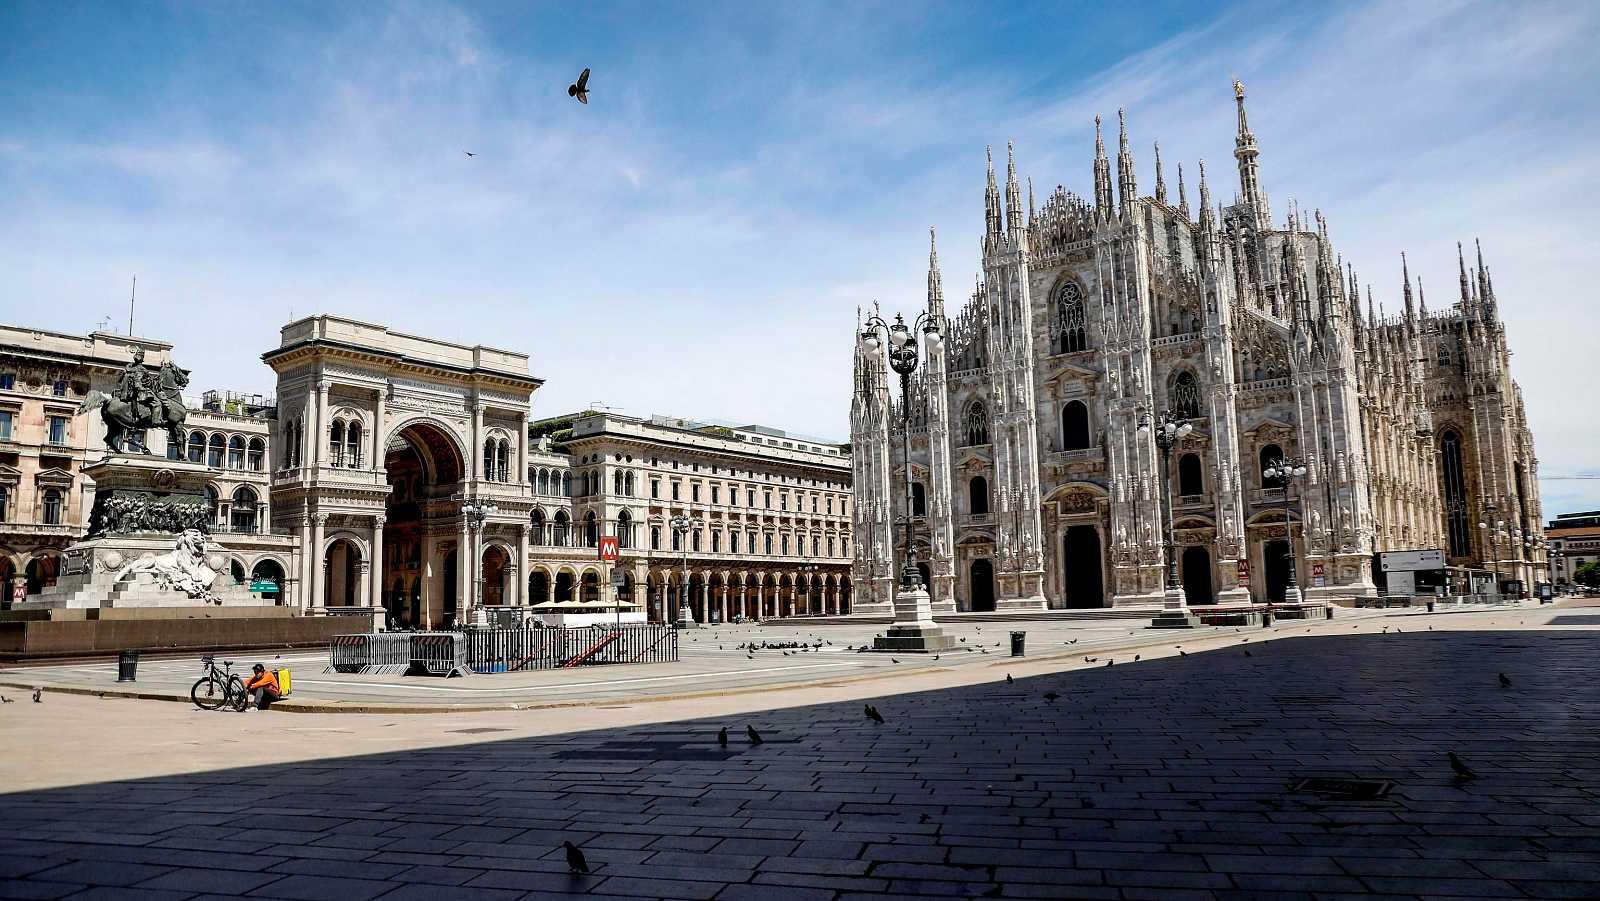 Coronavirus en Italia: Vista de la Plaza del Duomo en Milán, casi desierta por las restricciones debidas al coronavirus SARS-CoV-2.